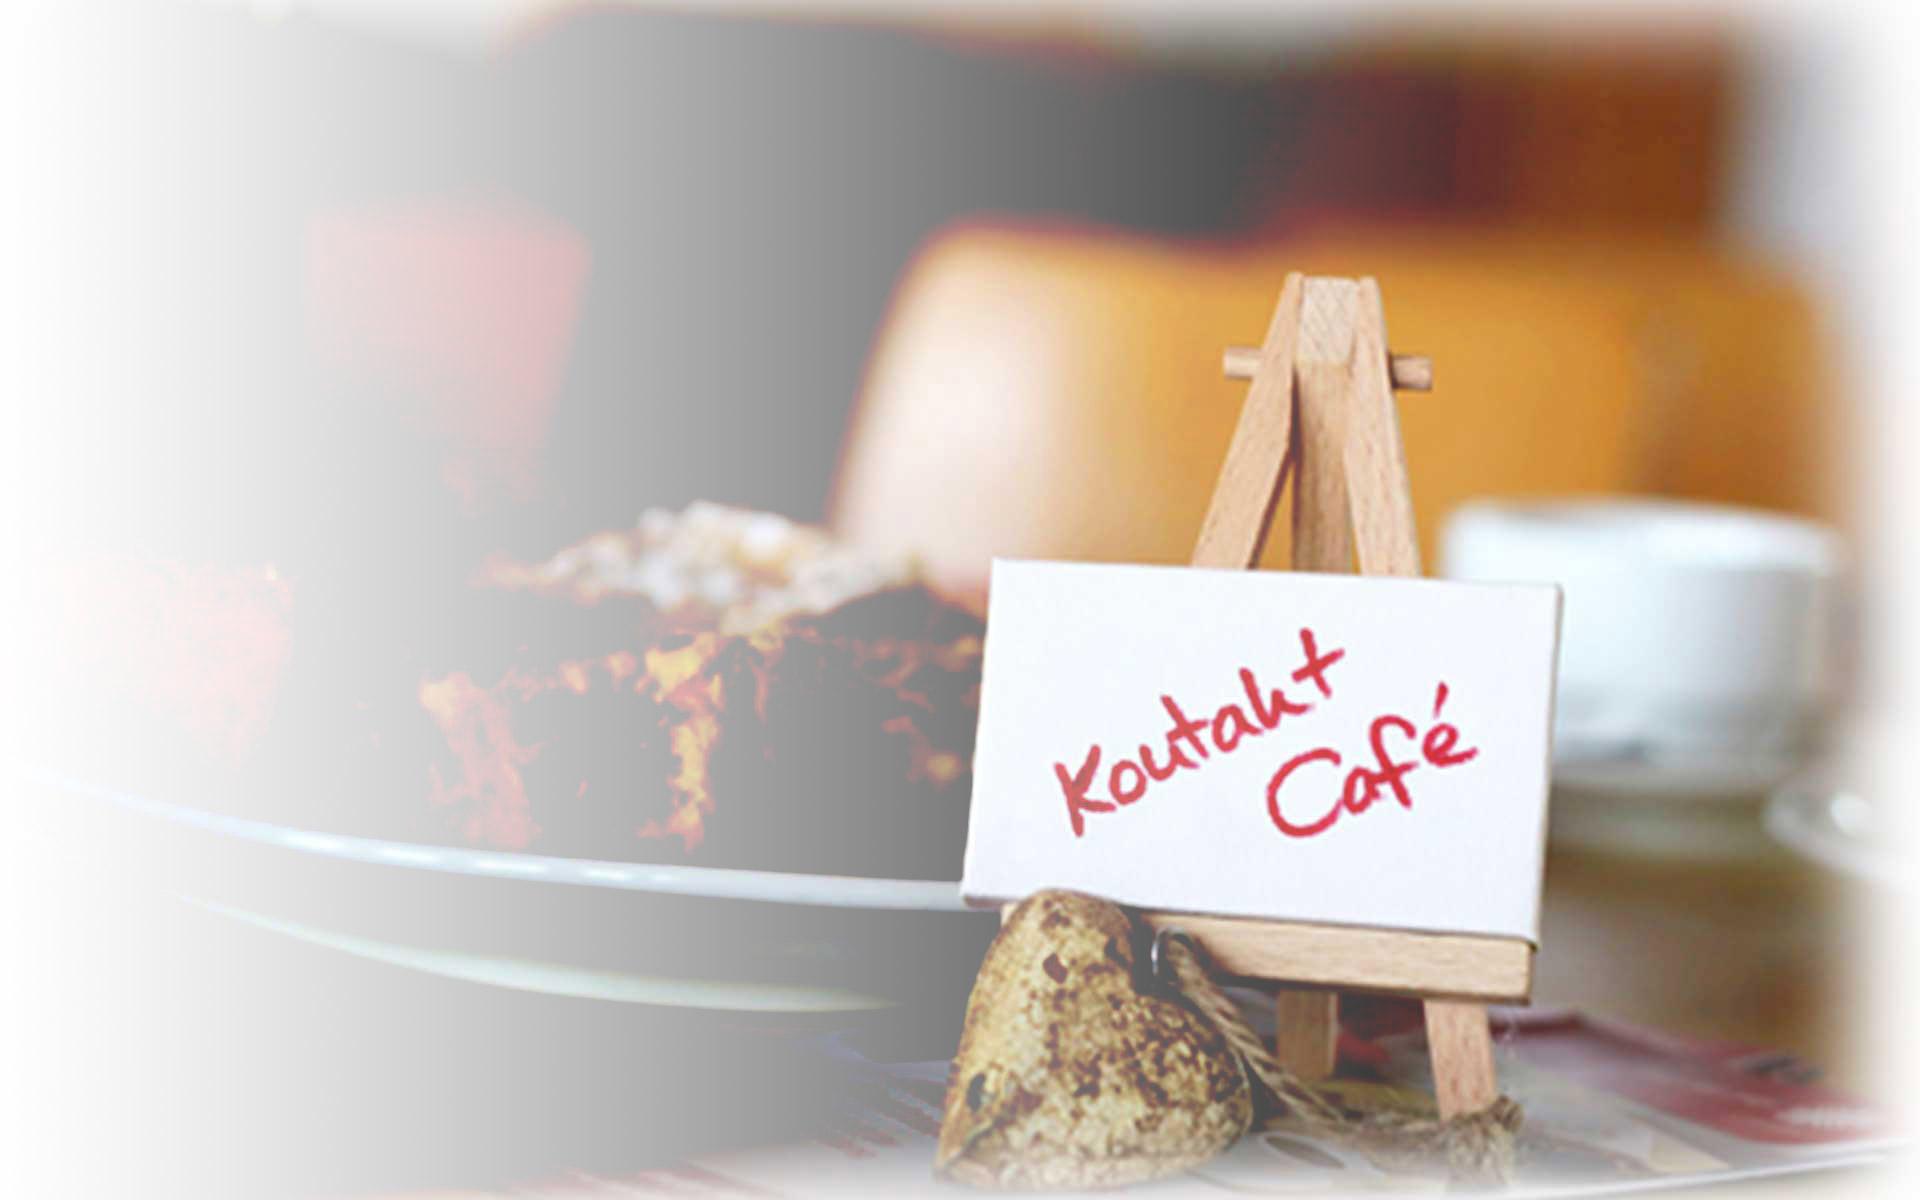 Kontaktcafé